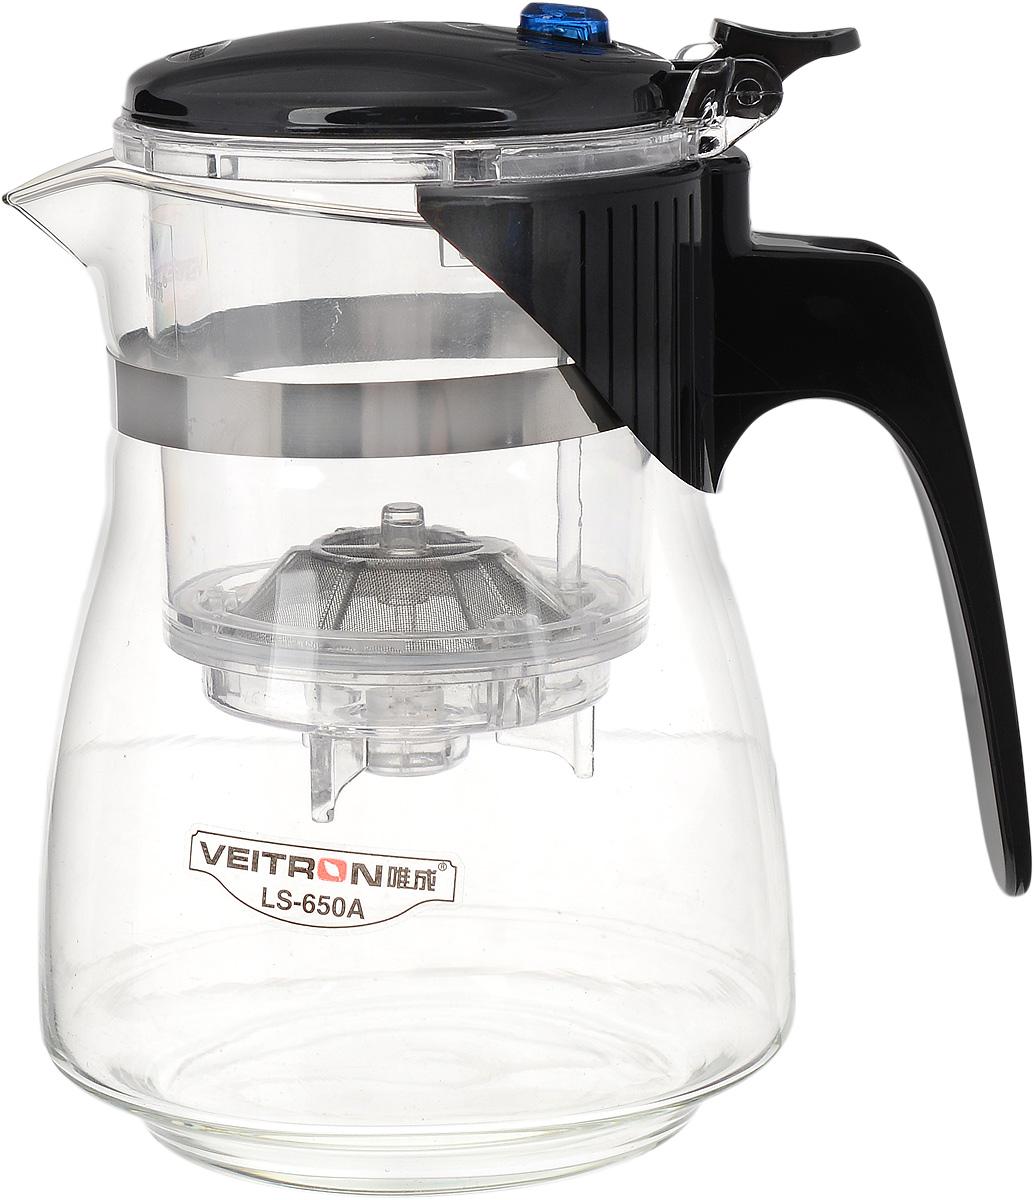 Чайник заварочный Veitron, с кнопкой, 650 мл. LS-650А68/5/2Термостойкий заварочный чайник Veitron изготовлен из пищевых материалов, безопасных для жизни и здоровья человека и окружающей среды. Имеет округлую форму в виде кувшина. Колба выполнена из высококачественного боросиликатного стекла, очень прочного и устойчивого к тепловому удару или очень высоким температурным условиям. Чайник снабжен разборным металлическим съемным фильтром, удобным для очистки. Ручка и крышка выполнены из поликарбоната. Чайник имеет современный и элегантный дизайн. Предназначен для заваривания зеленого, черного, цветочного чая и кофе на 2-3 персоны. Просто положите заварку в чайник, залейте кипяток, накройте крышкой, нажмите кнопку, и чай готов. Чай заваривается во внутренней колбе, а в основную сливается нажатием и удержанием кнопки. Таким образом, все чаинки остаются в фильтре. Диаметр (по верхнему краю): 8 см. Диаметр основания: 7,7 см. Высота чайника: 15 см.